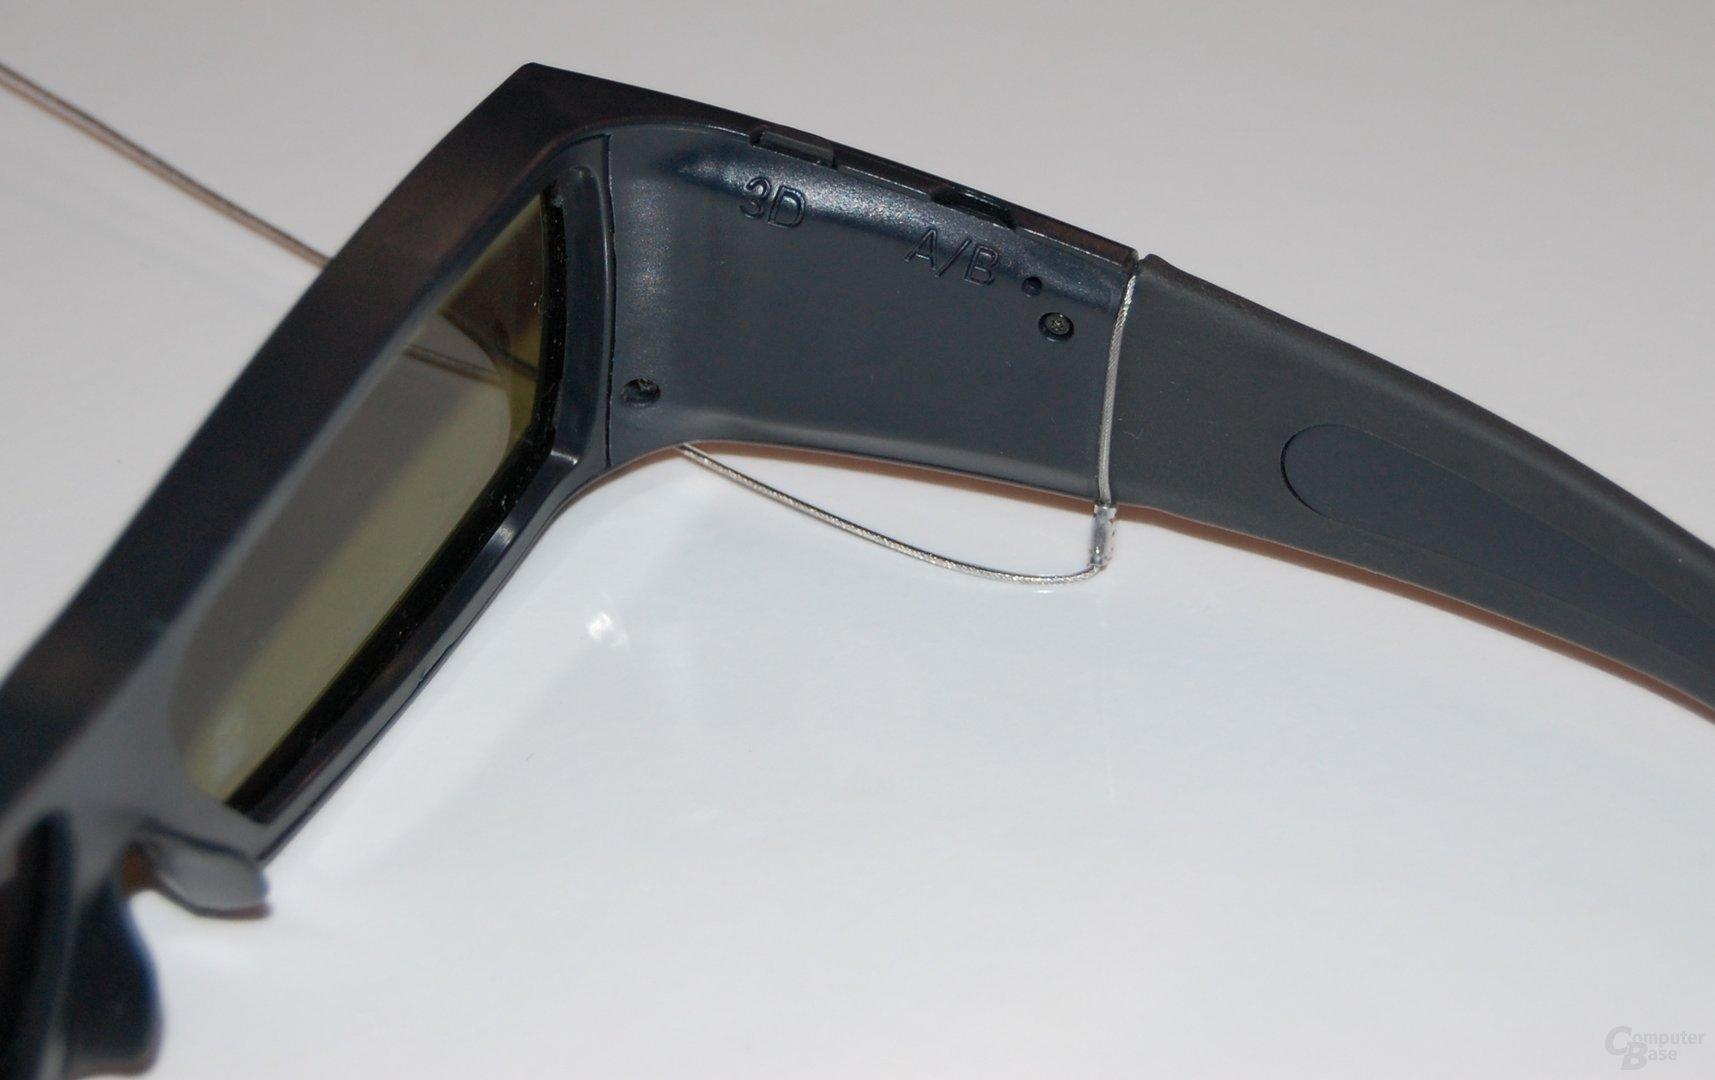 3D Shutterbrille von Sharp